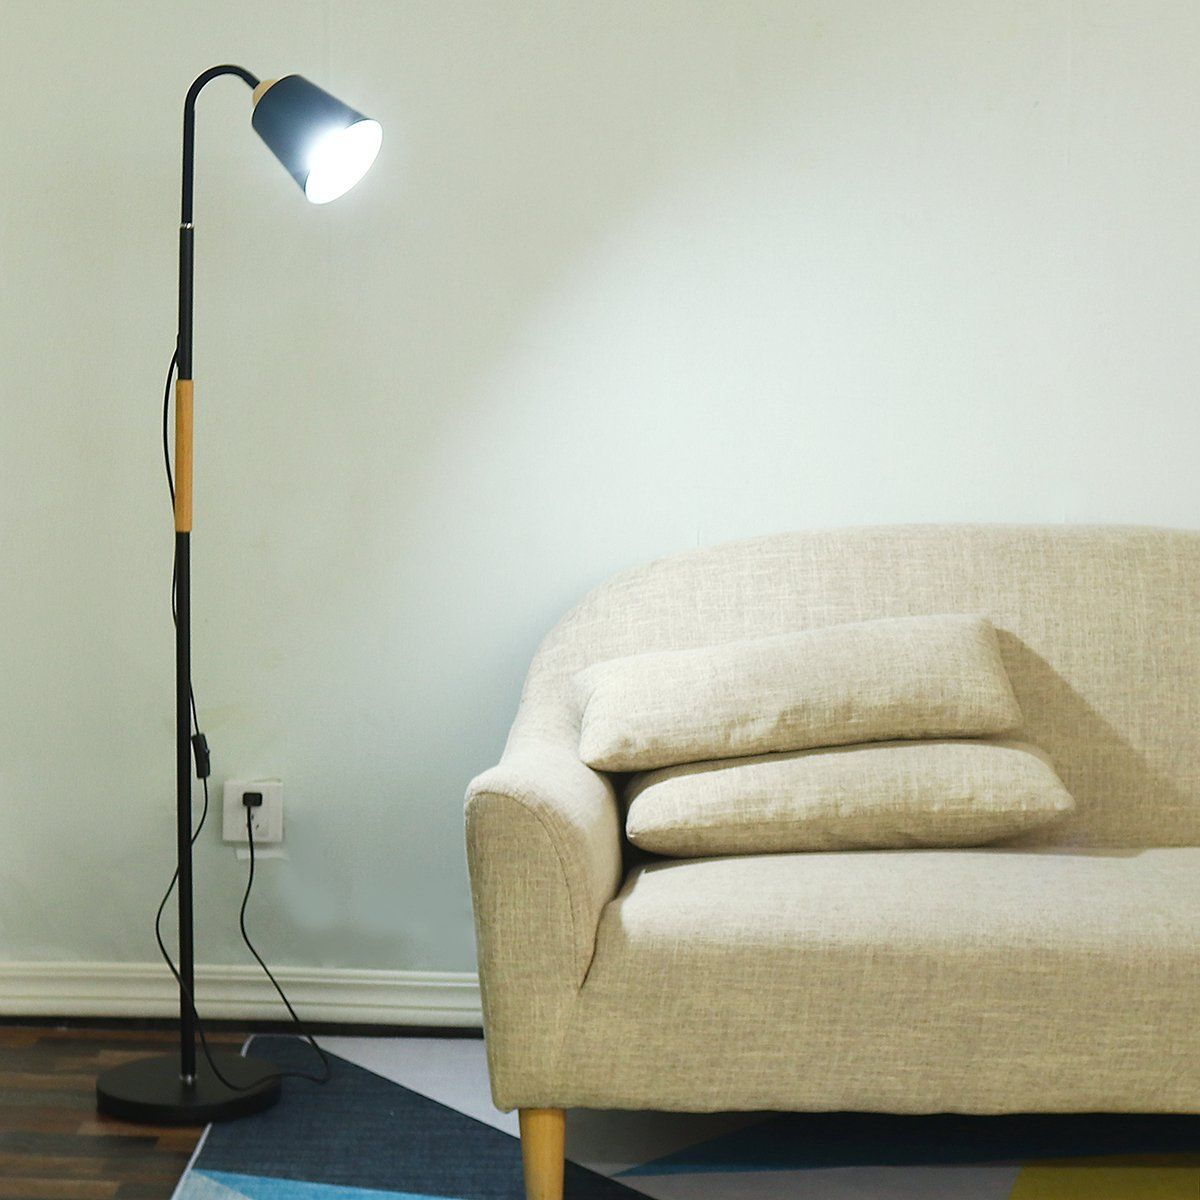 Led Floor Light Lamp Reading, Reading Floor Lamps For Living Room